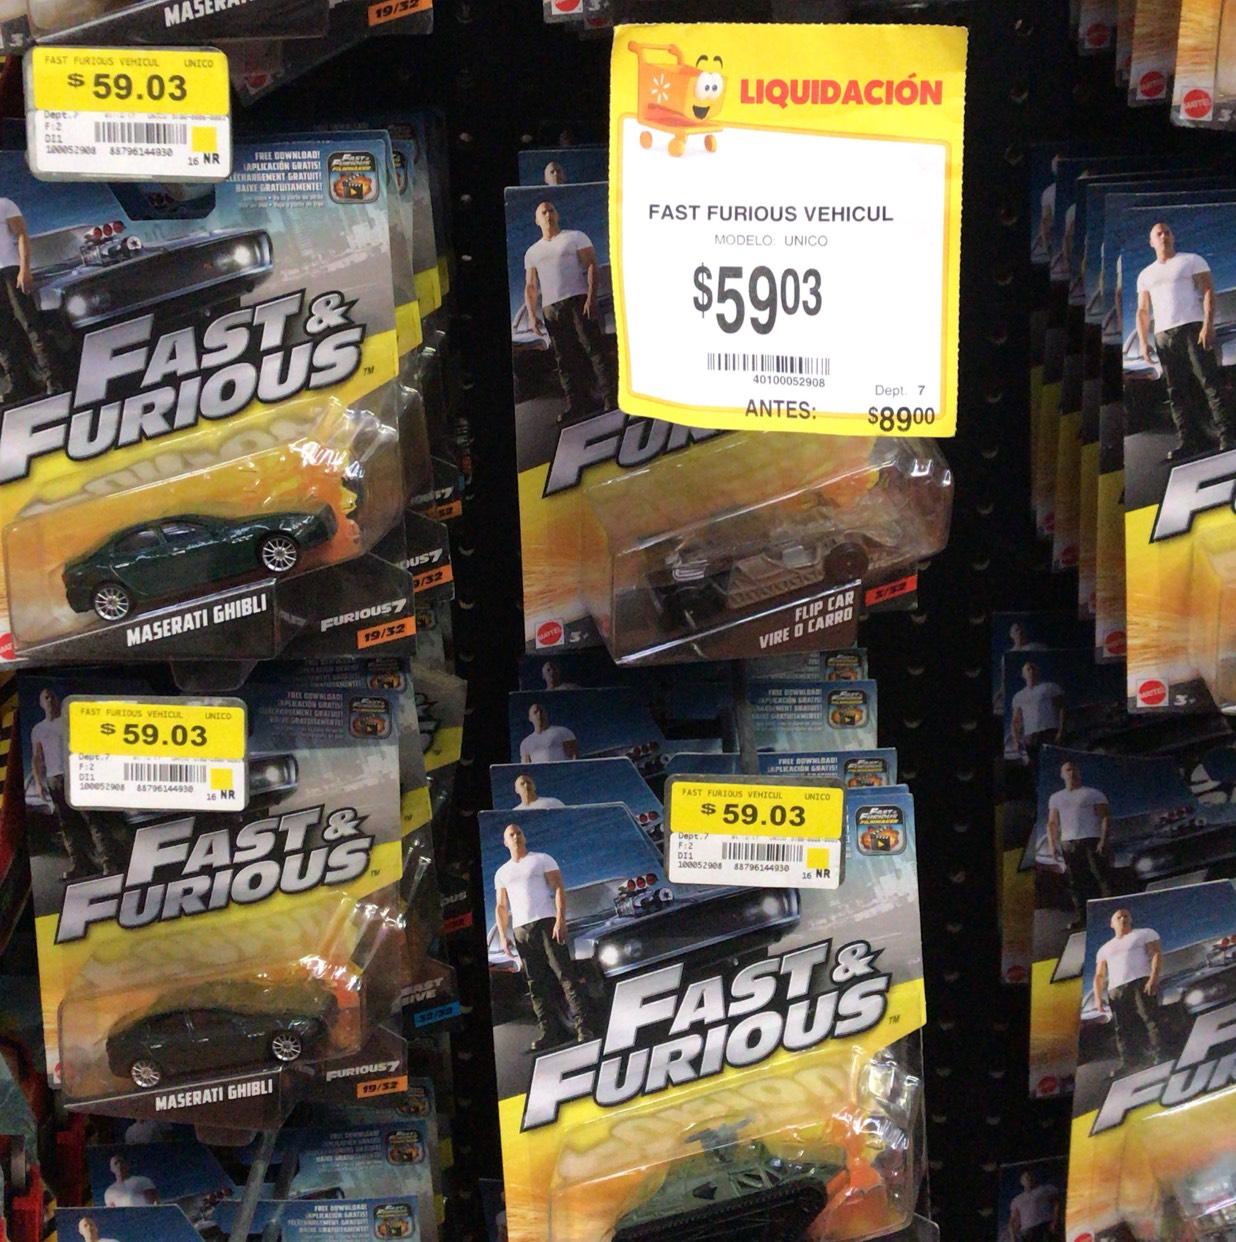 Wamart: Carritos rápido y furioso $59.03